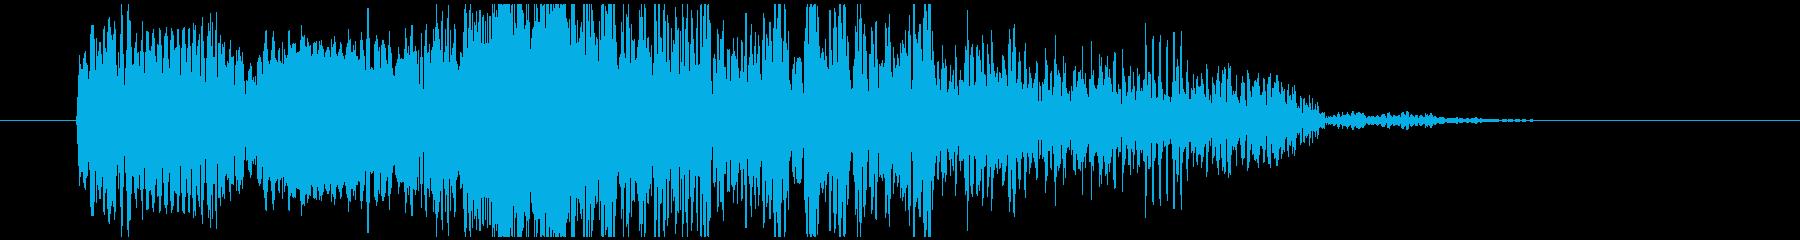 キュイーンドカーン!(レーザーと爆発音)の再生済みの波形